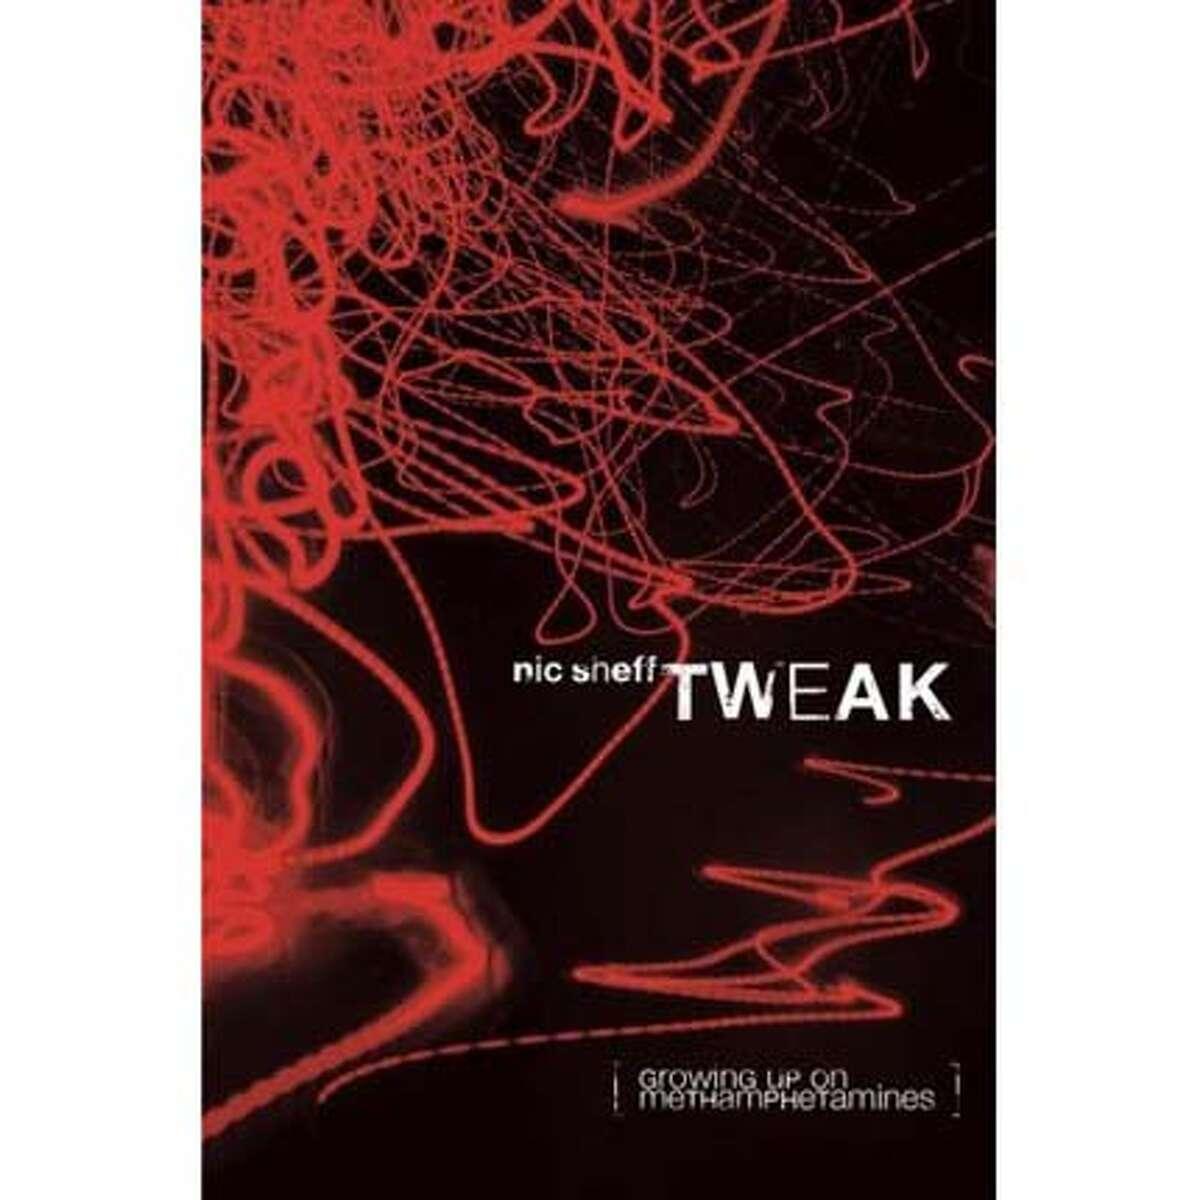 cover of Tweak